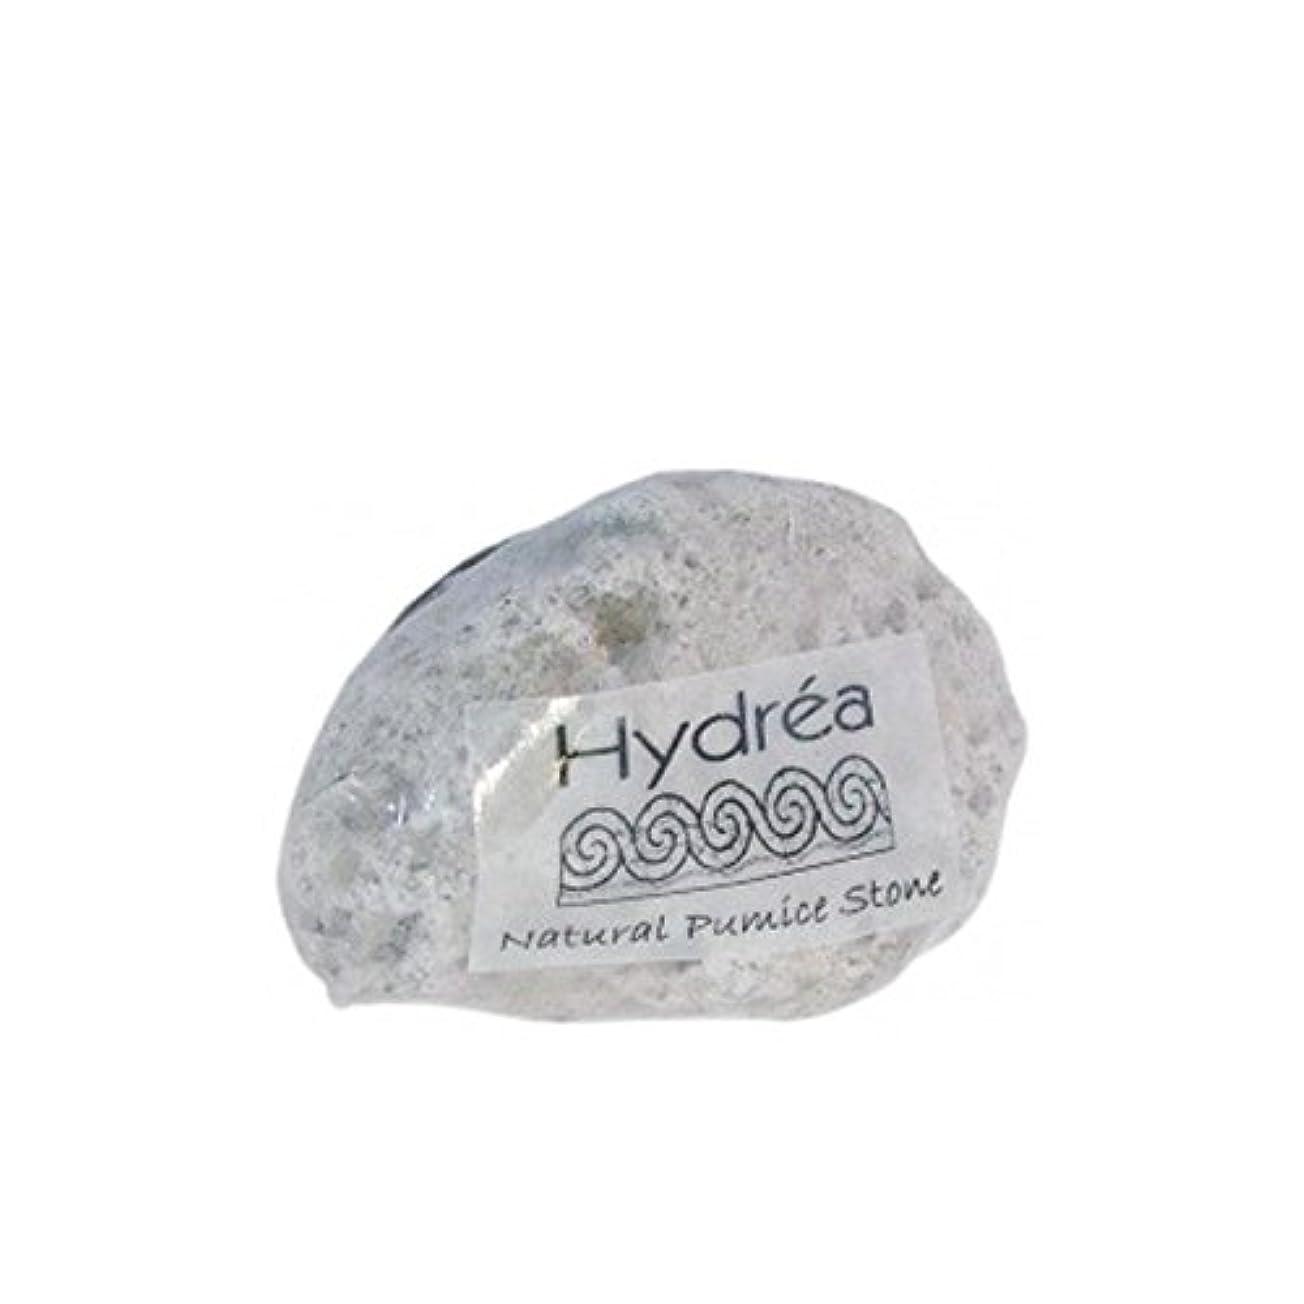 アフリカ人モールス信号風が強いハイドレアロンドン - 自然軽石 x4 - Hydrea London - Natural Pumice Stone (Pack of 4) [並行輸入品]